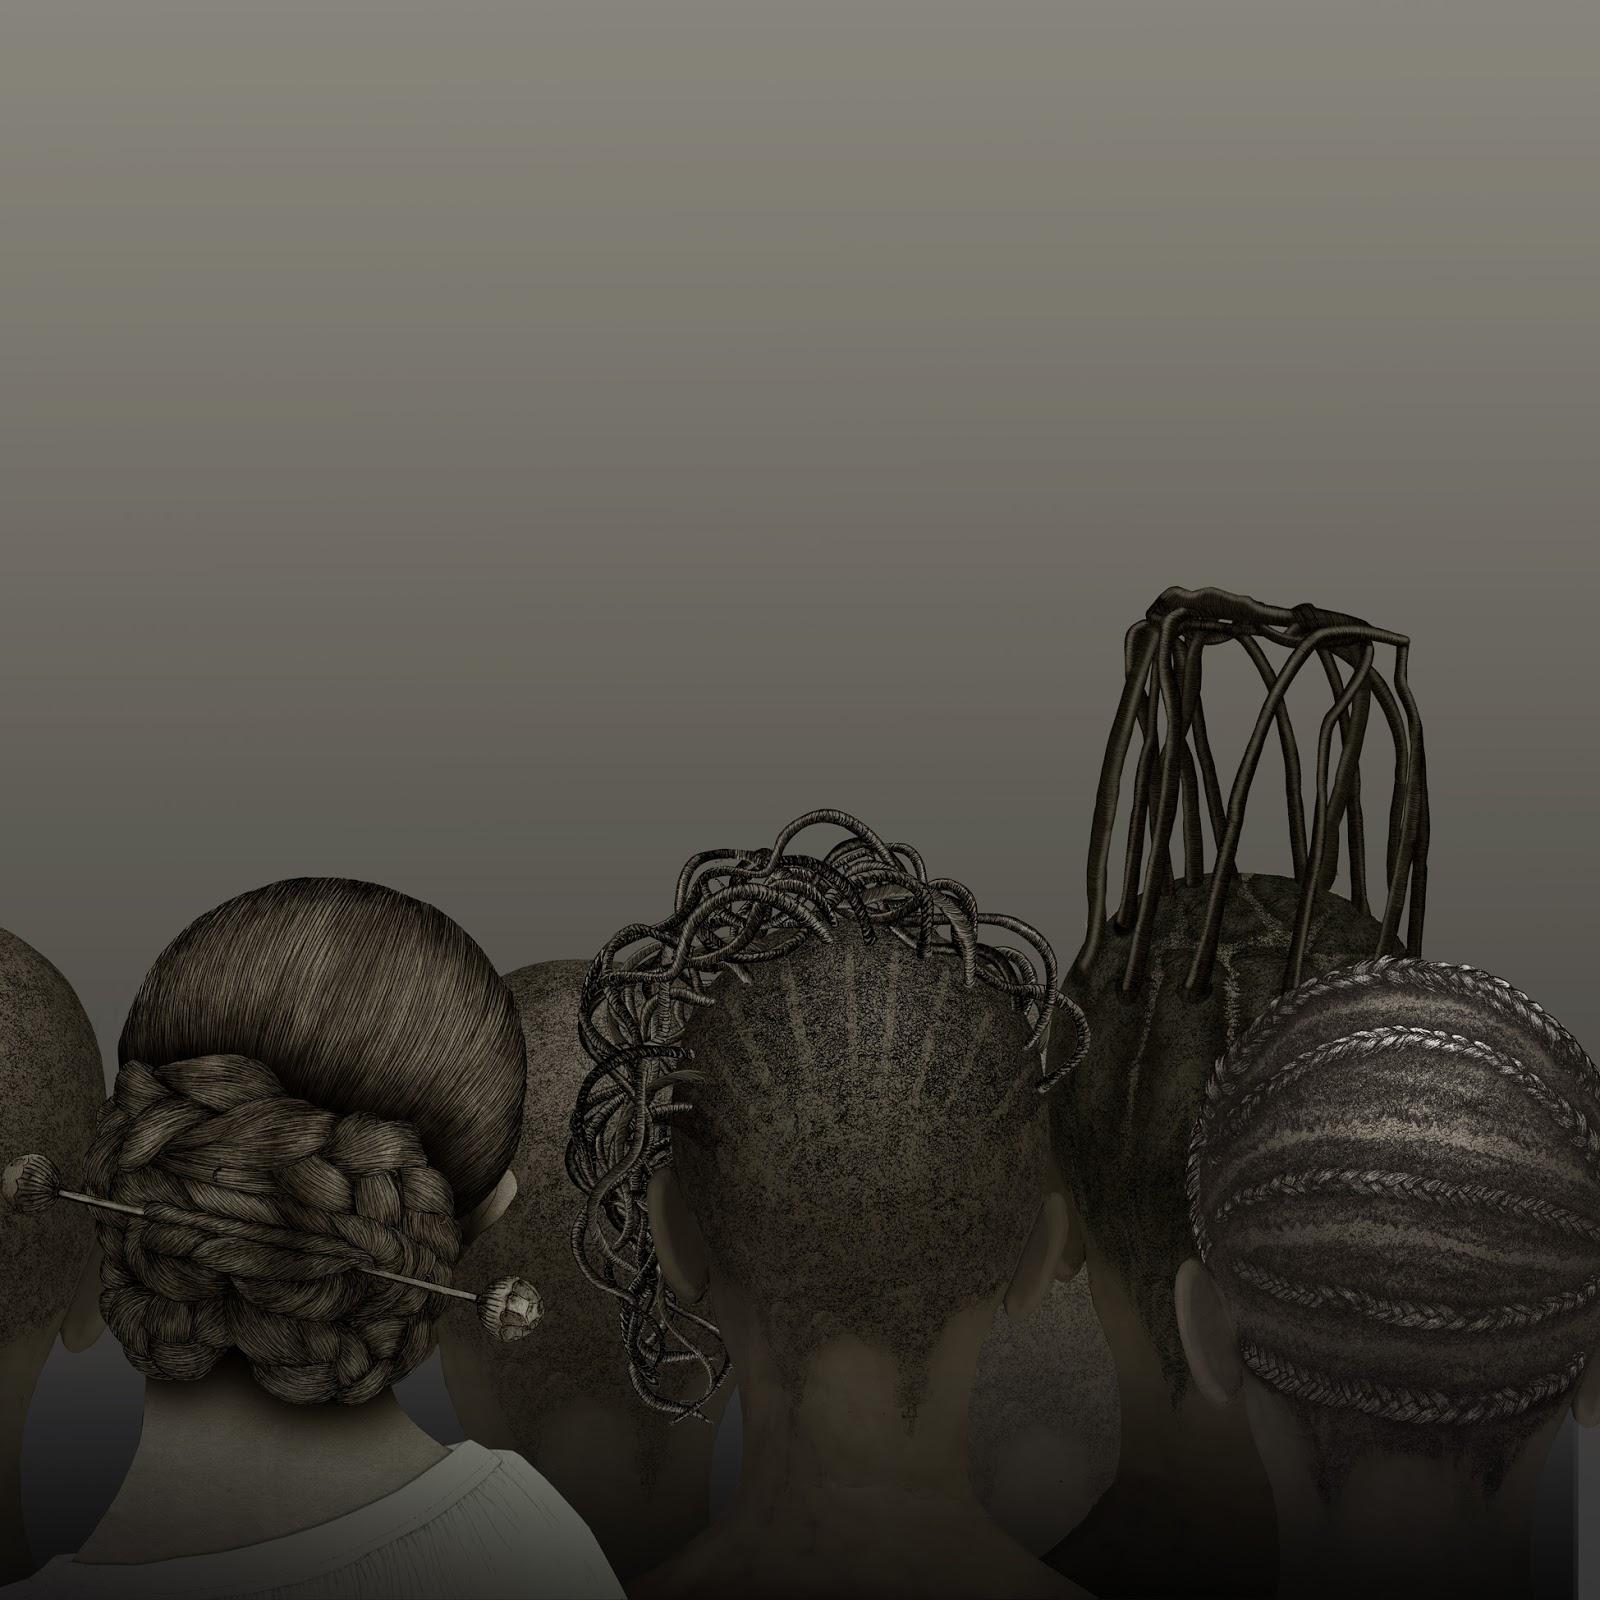 peinados africa, valencia, dibujo